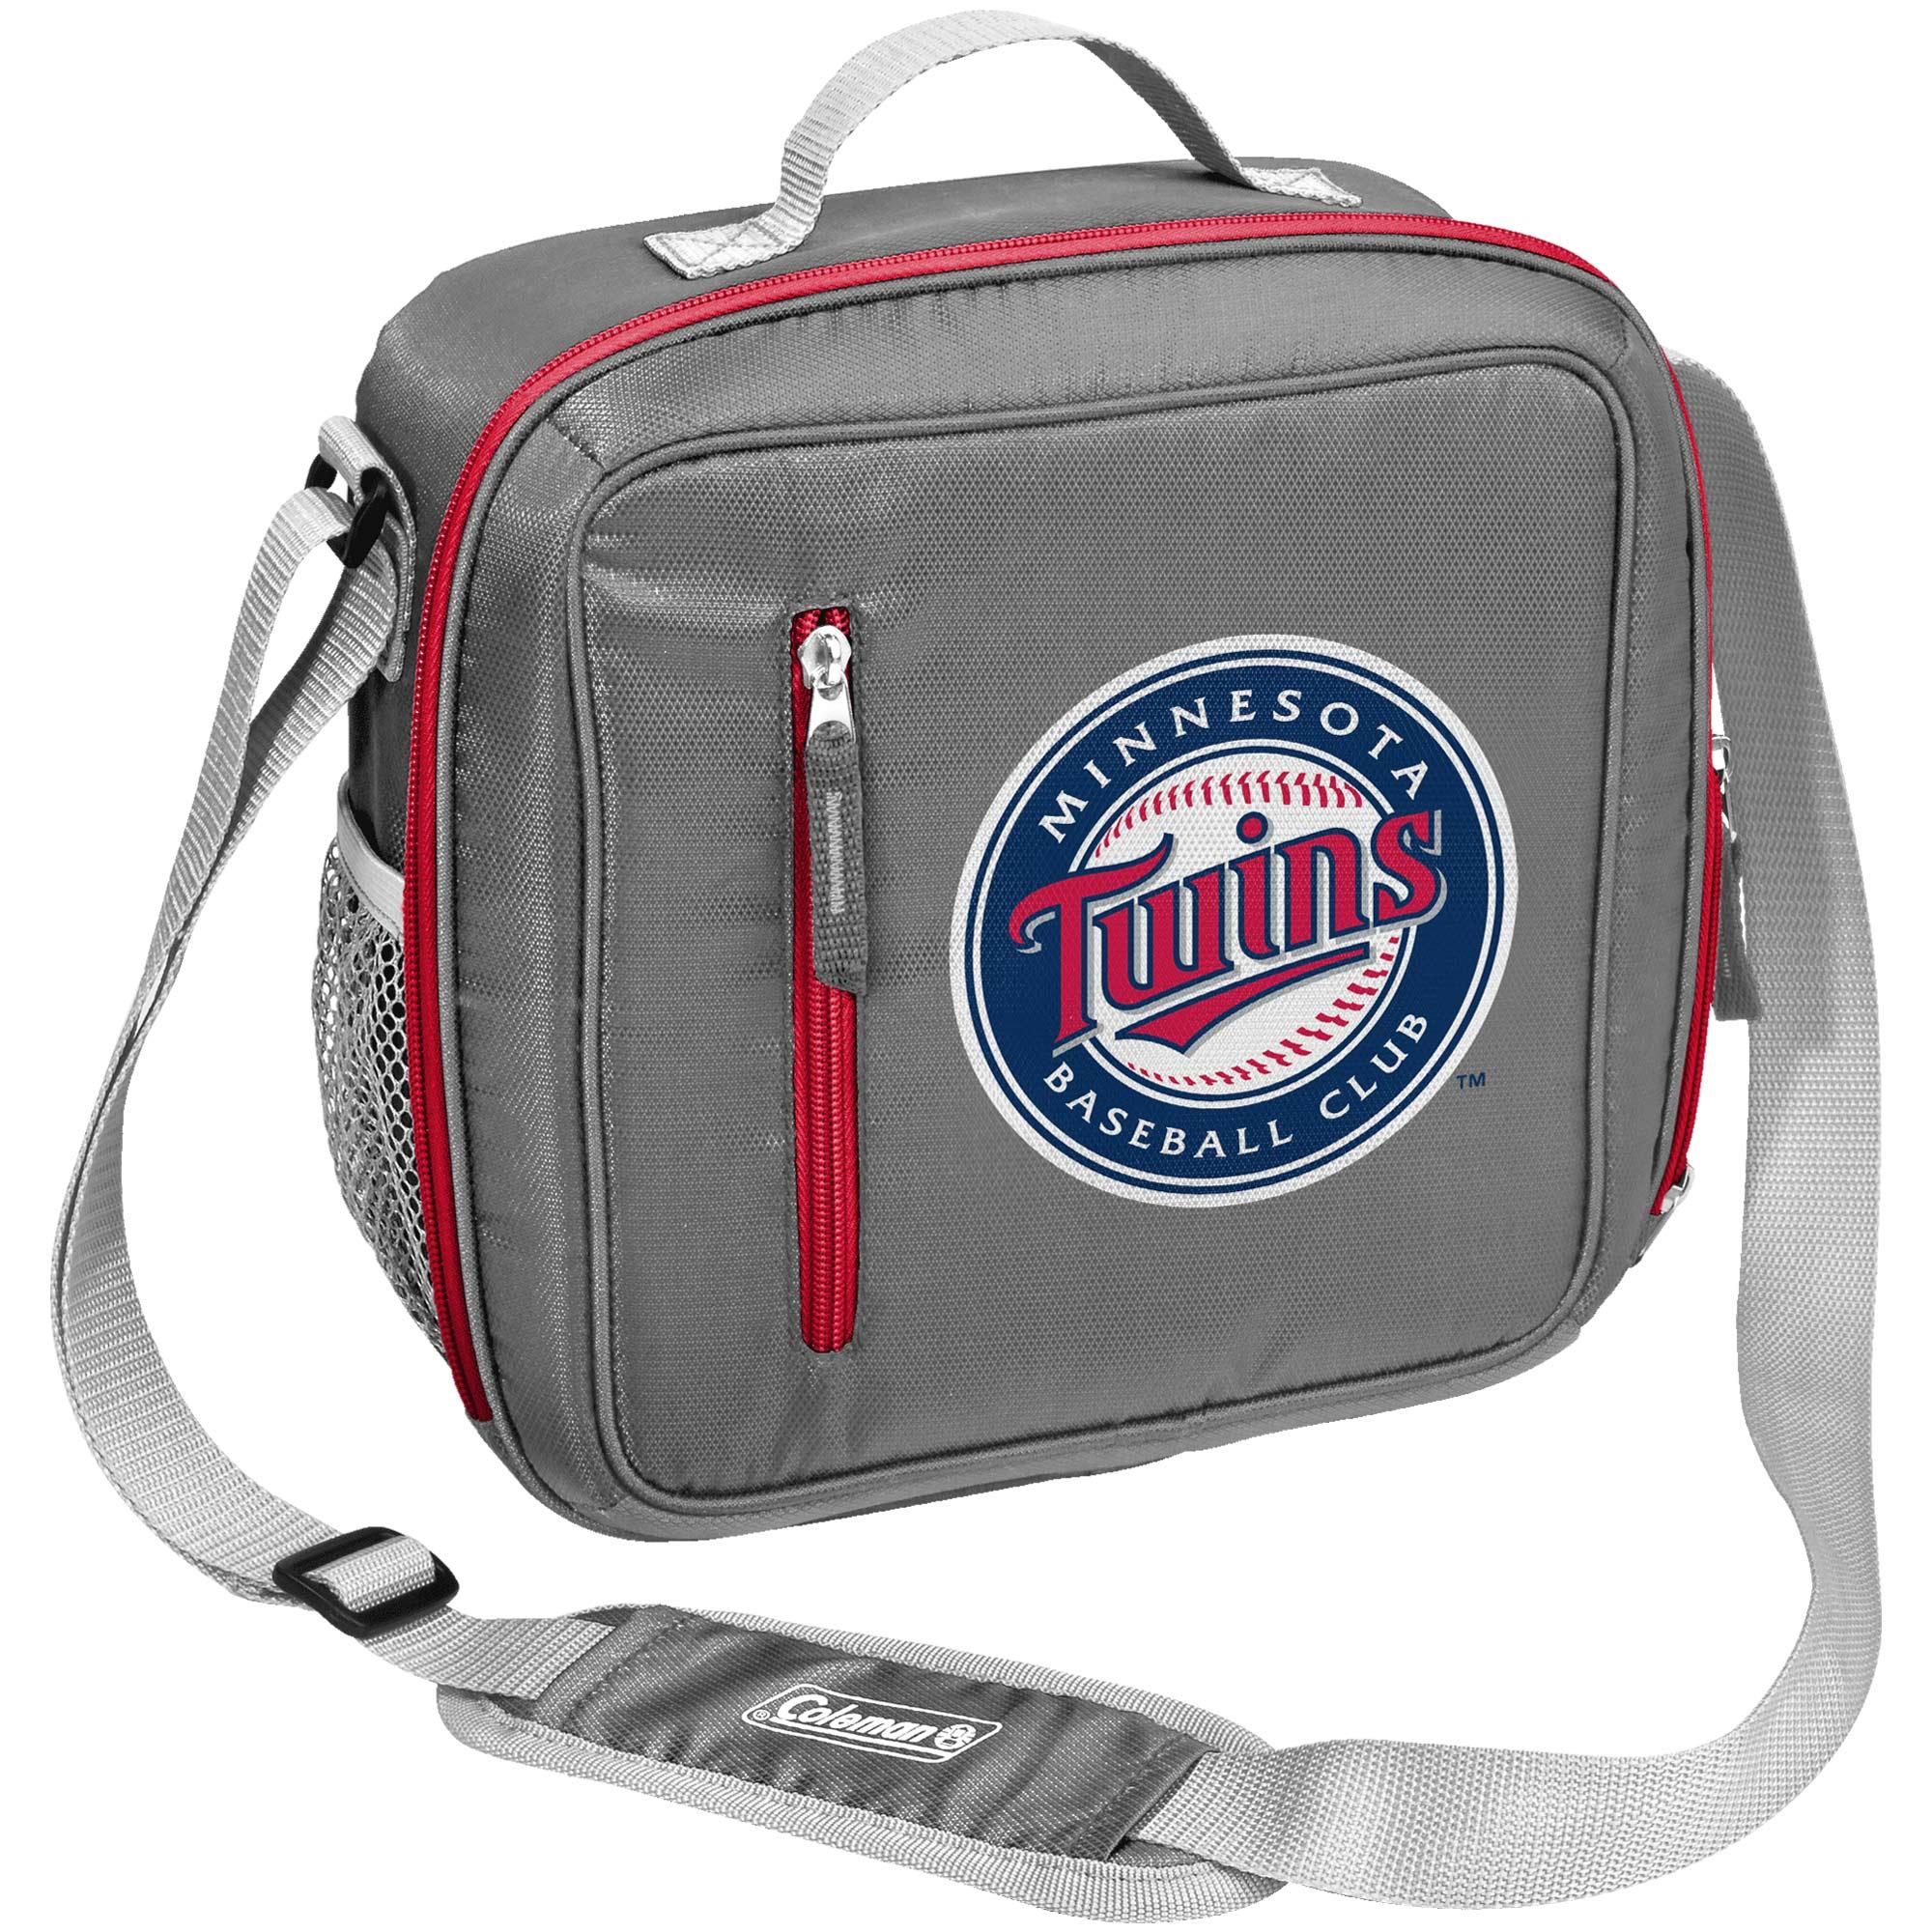 Minnesota Twins Coleman Team Logo Messenger Cooler - No Size